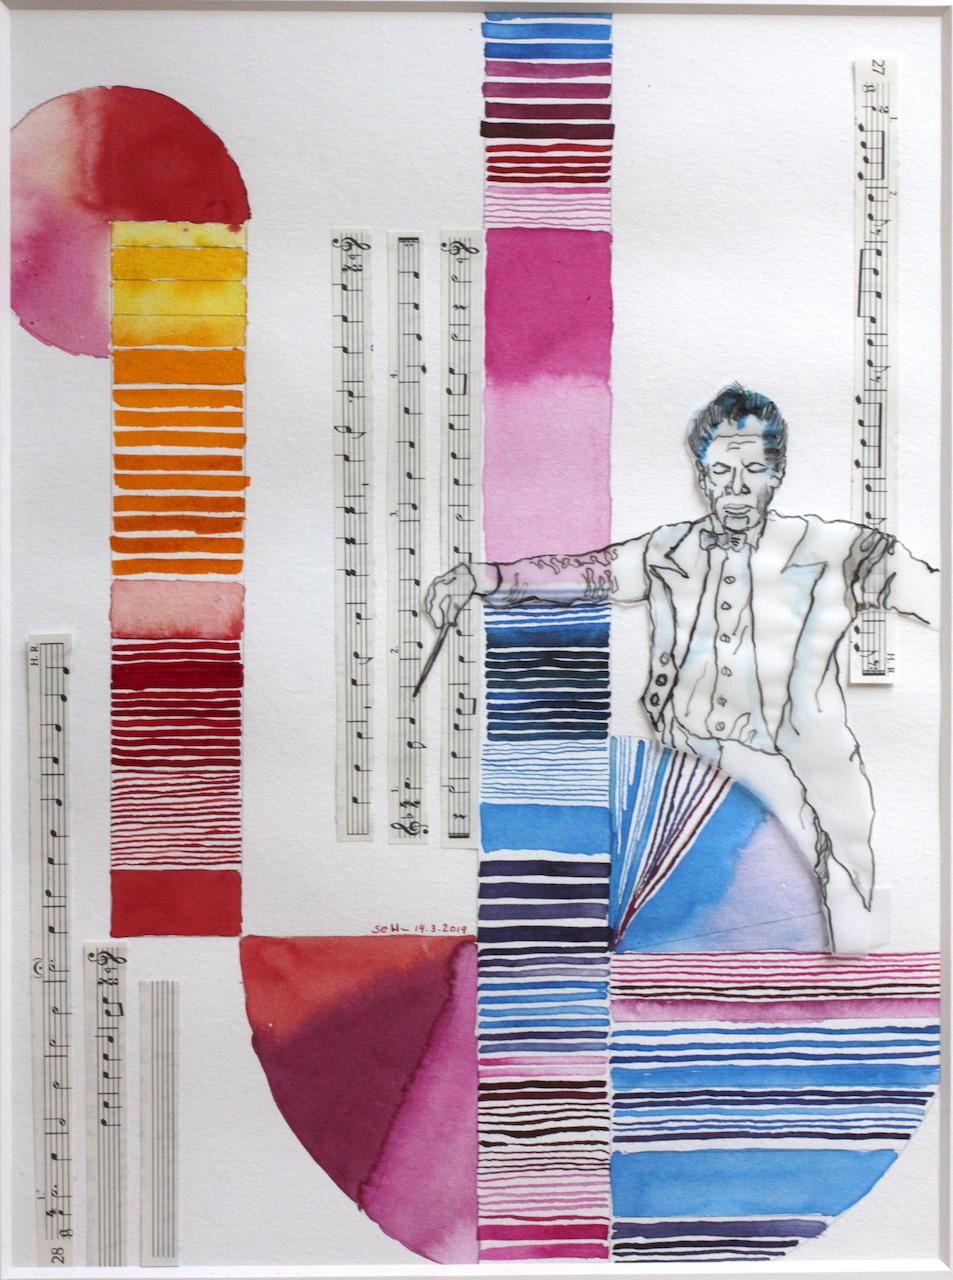 Portrait Karajan, Zeichnung von Susanne Haun, 40 x 30 cm, Tusche auf Aquarellkarton, Collage (c) VG Bild-Kunst, Bonn 2019